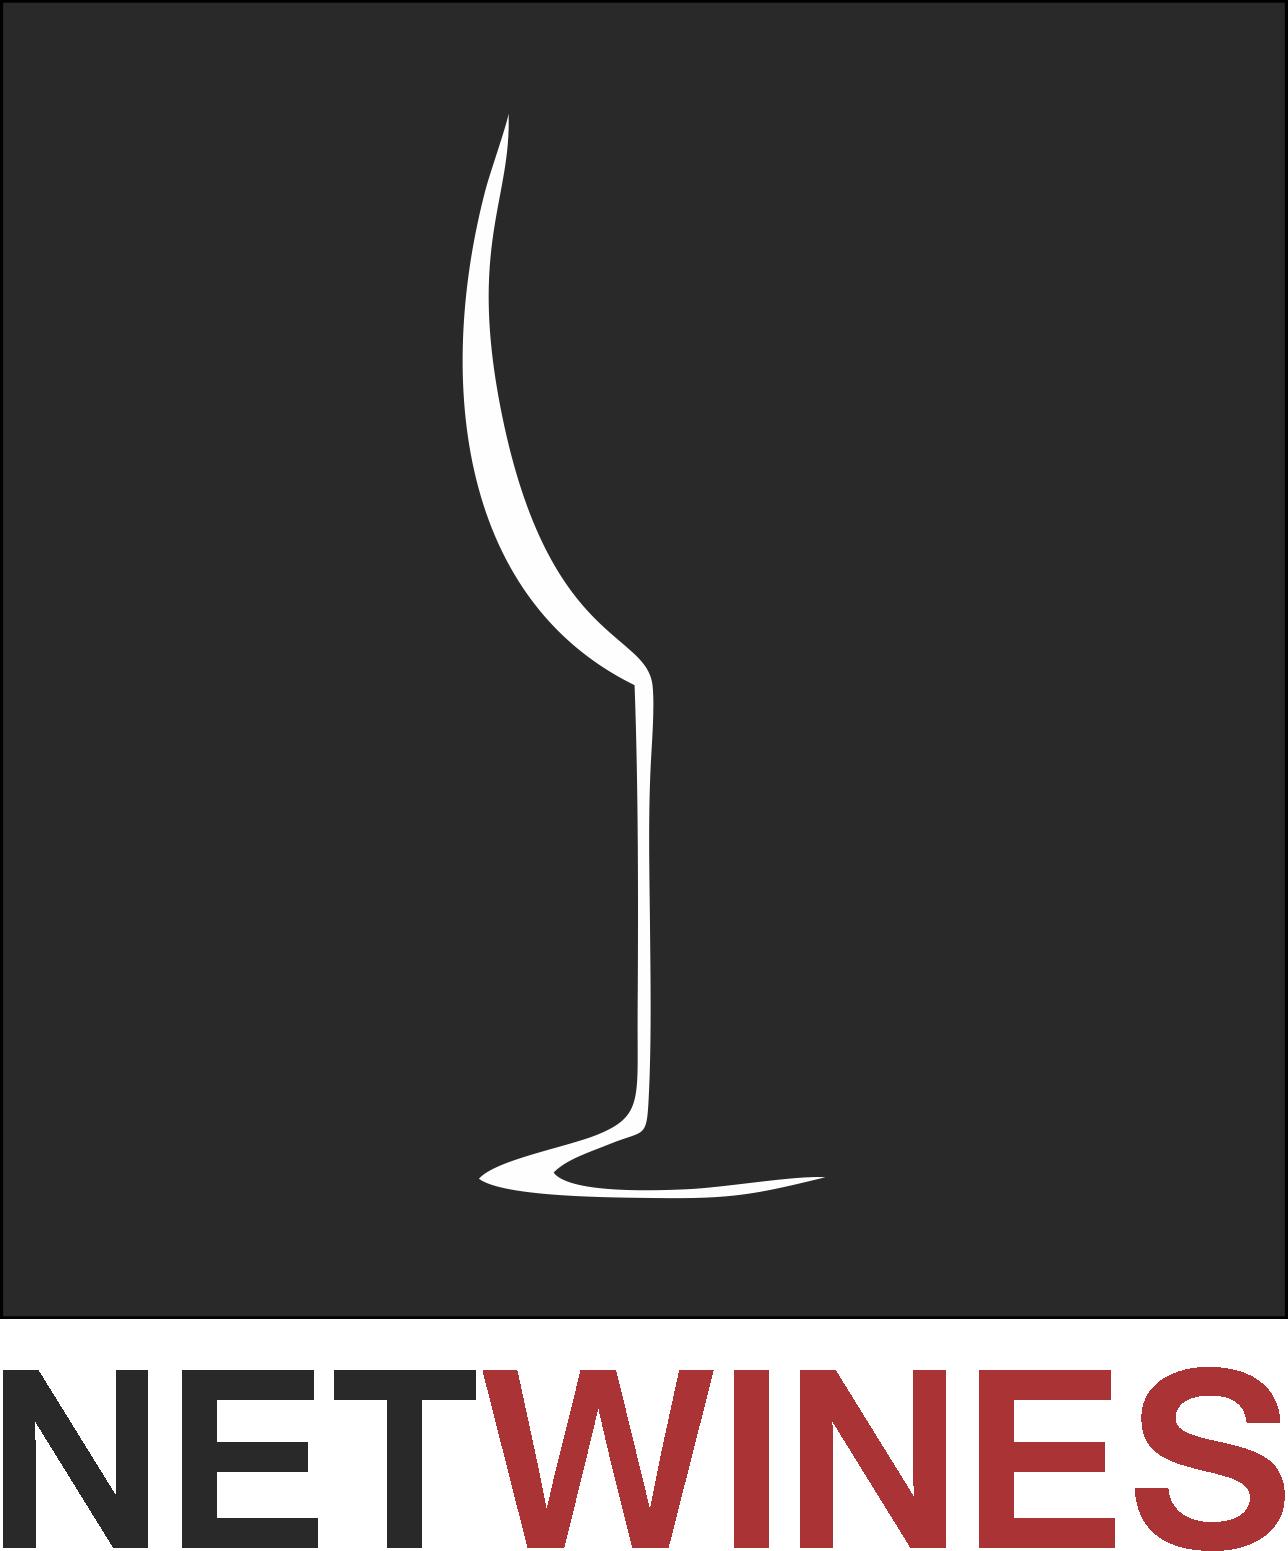 Netwines